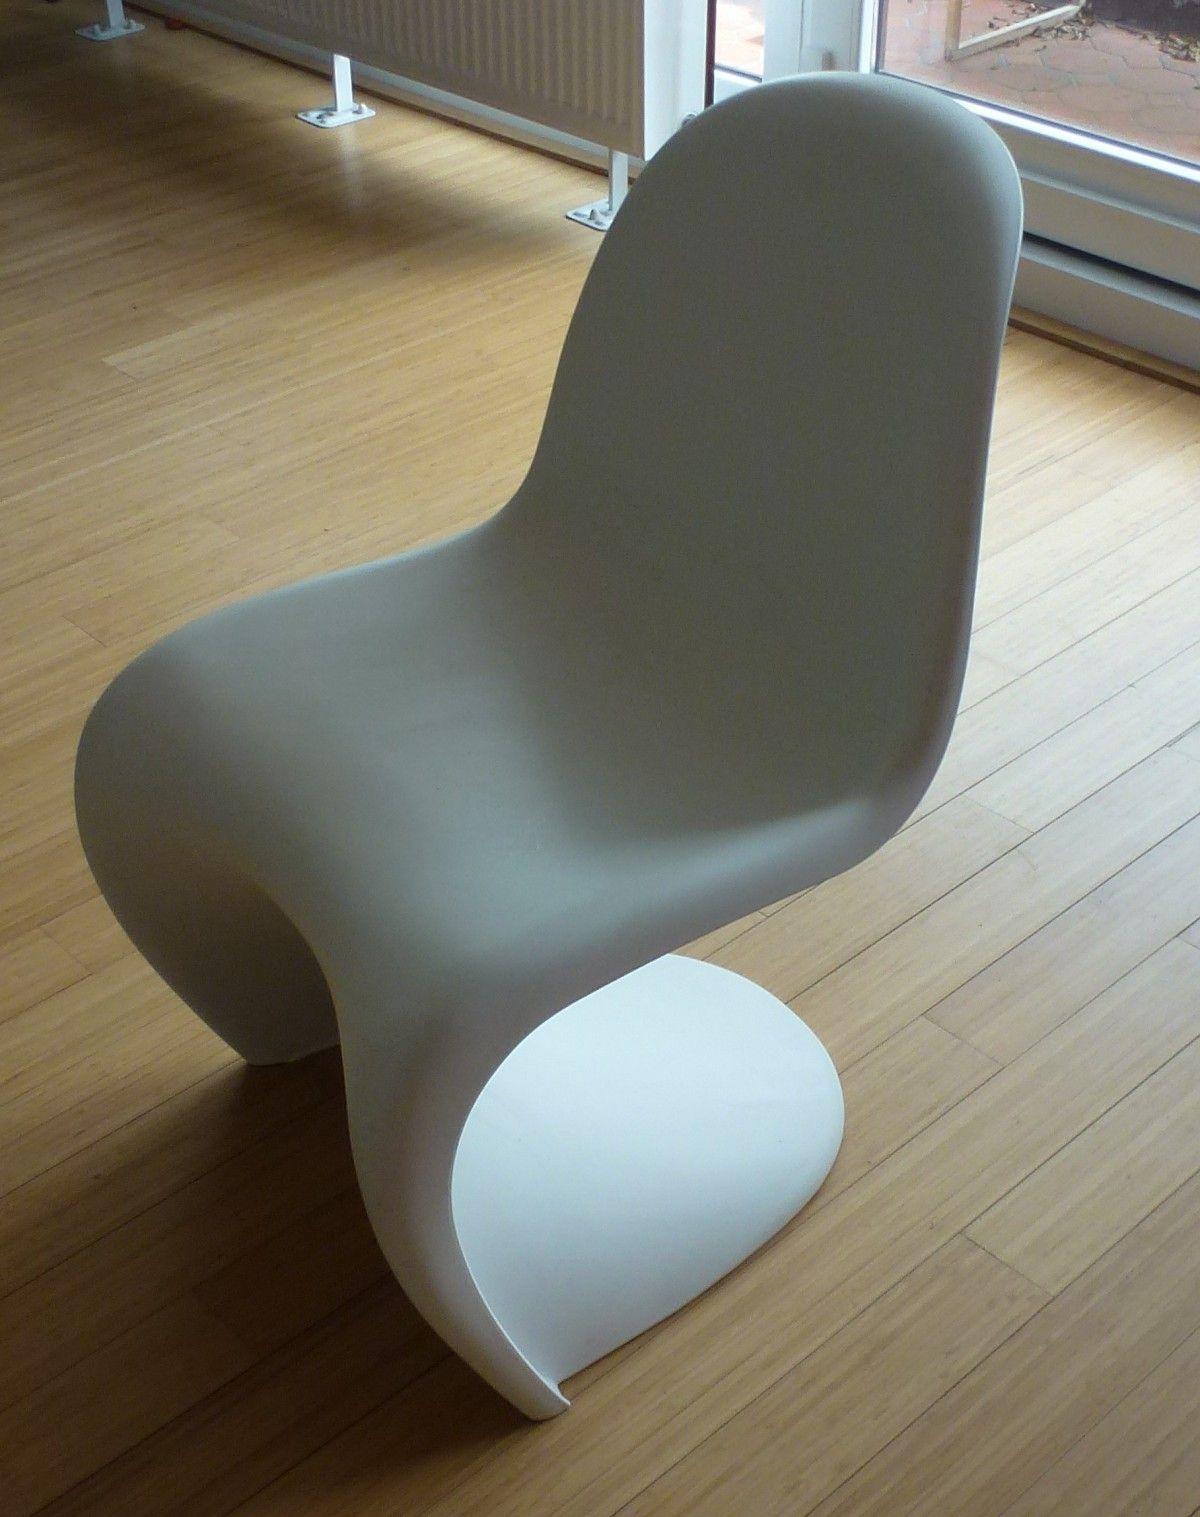 4 Chaises Panton Blanche Chaise Panton Amenagement Maison Mobilier Design